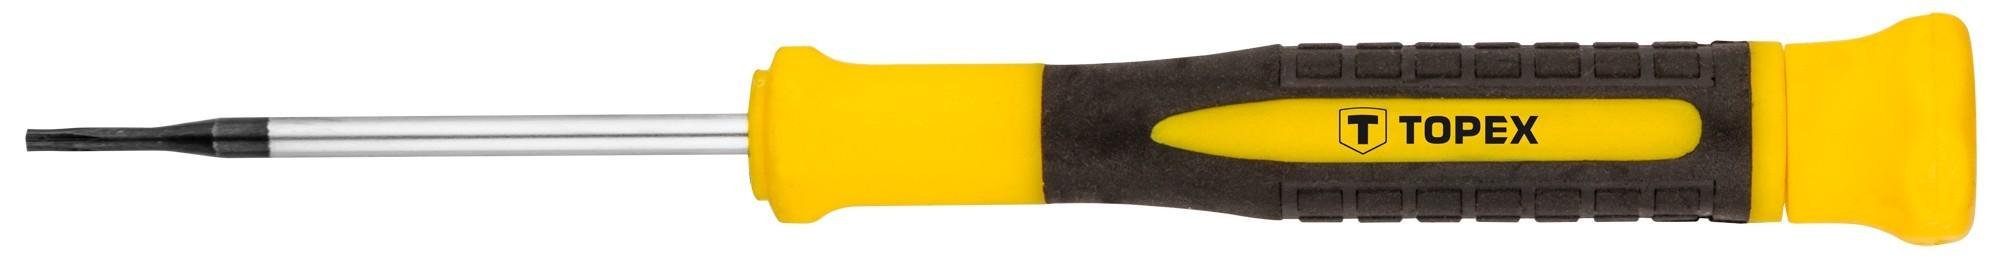 Mûszerész csavarhúzó T7 x 135 mm | TOPEX 39D777